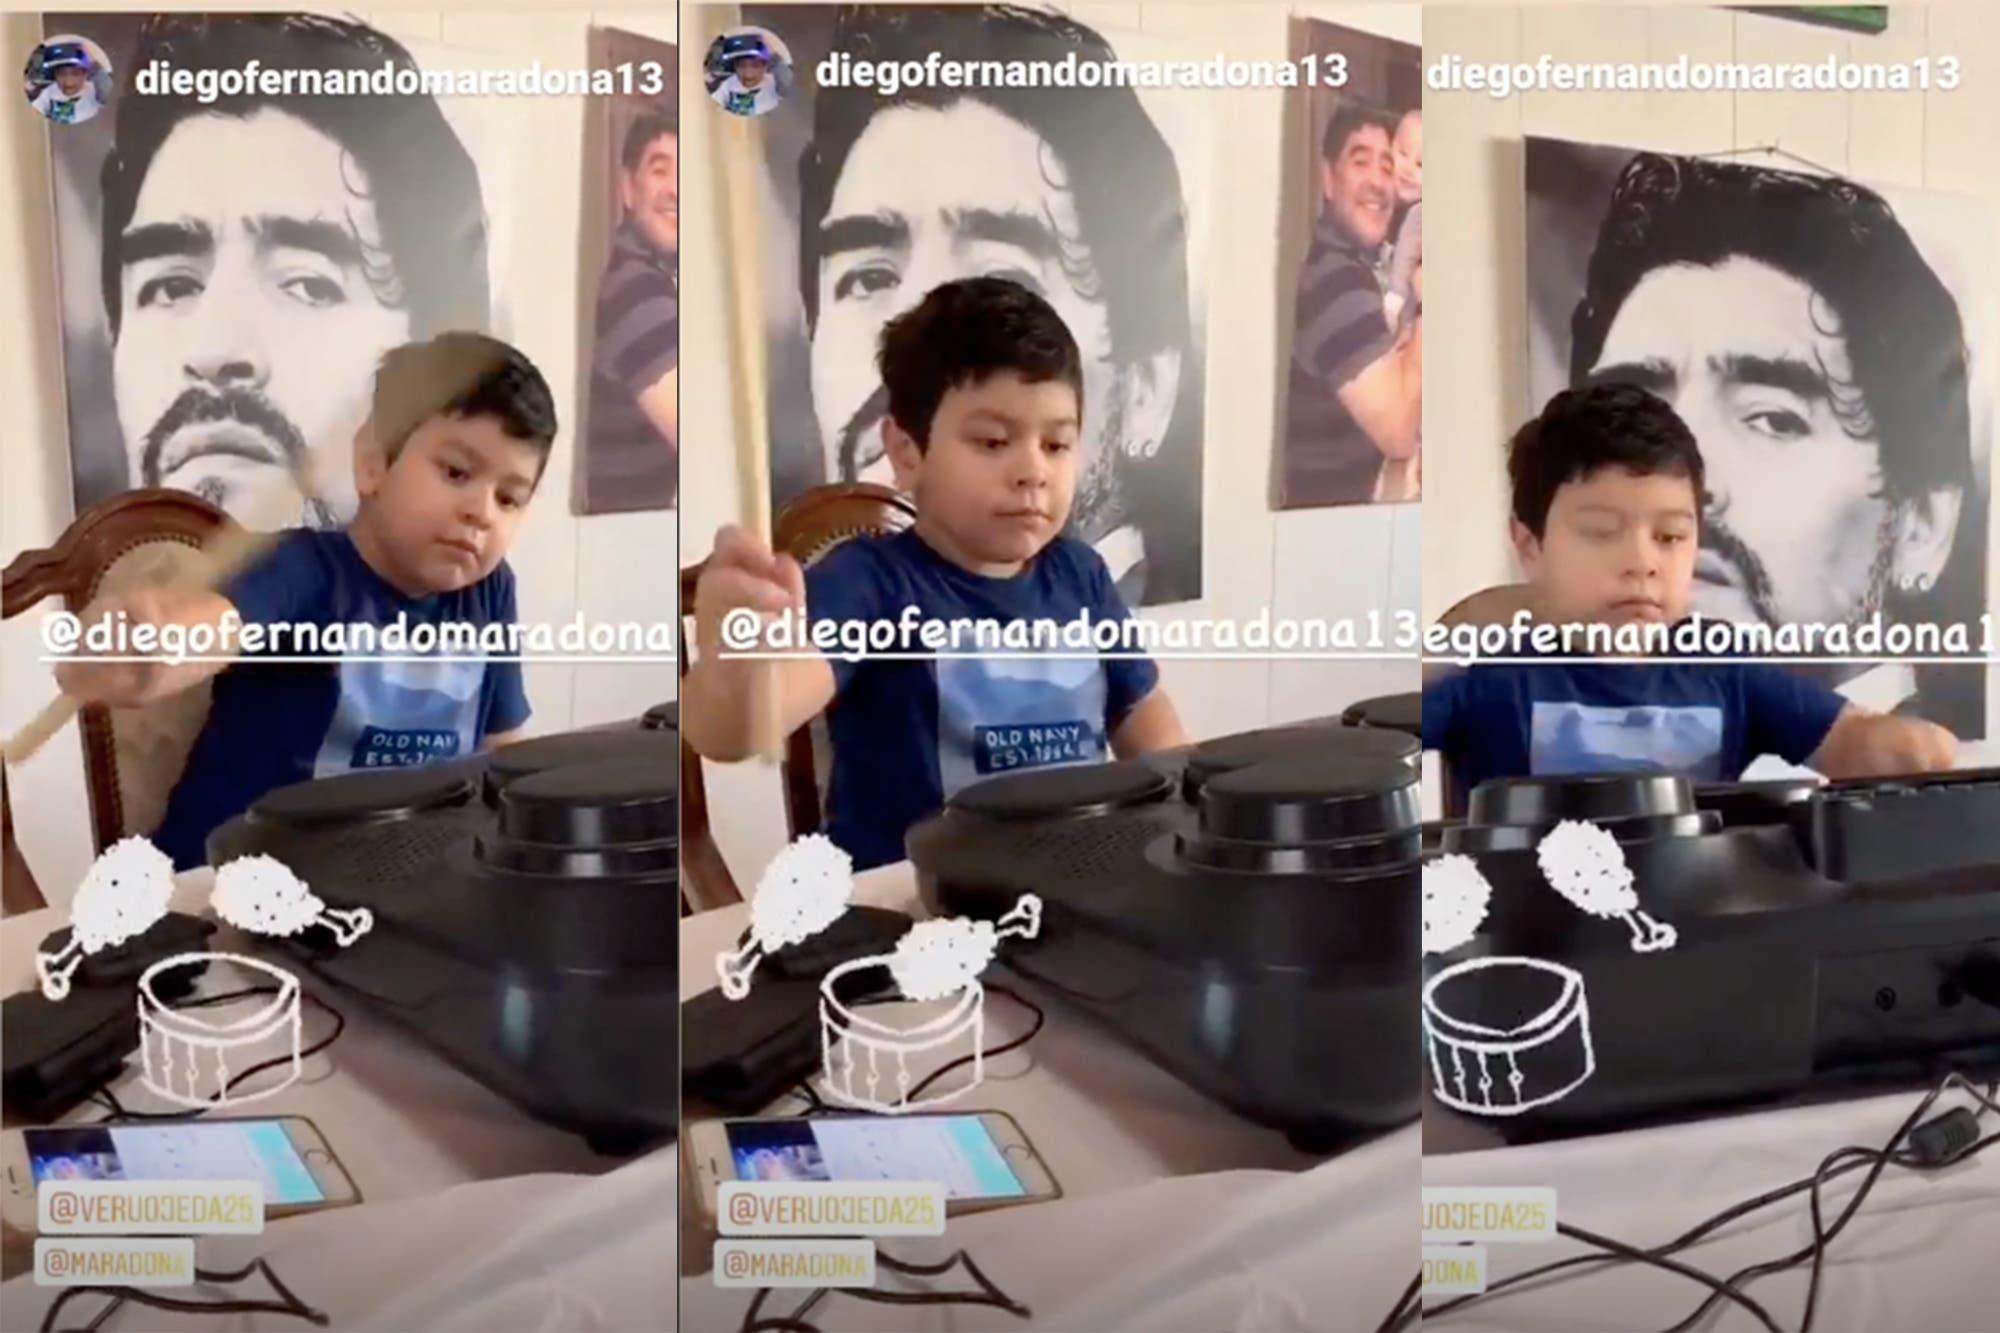 ¿Un Maradona músico?: Dieguito Fernando se divirtió con la batería en Instagram